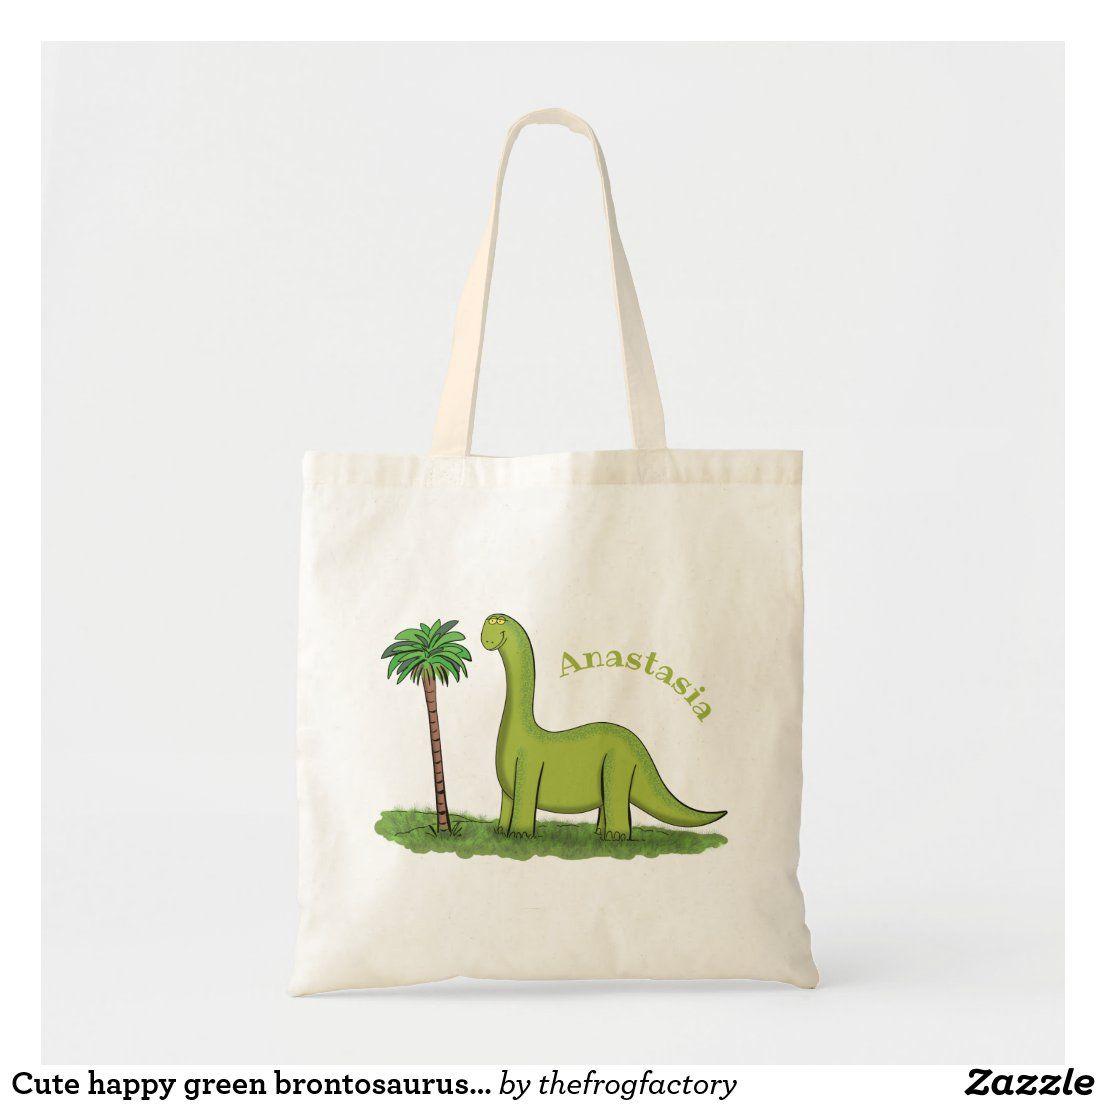 Cute Happy Green Brontosaurus Dinosaur Cartoon Tote Bag Zazzle Com Tote Bag Bags Tote